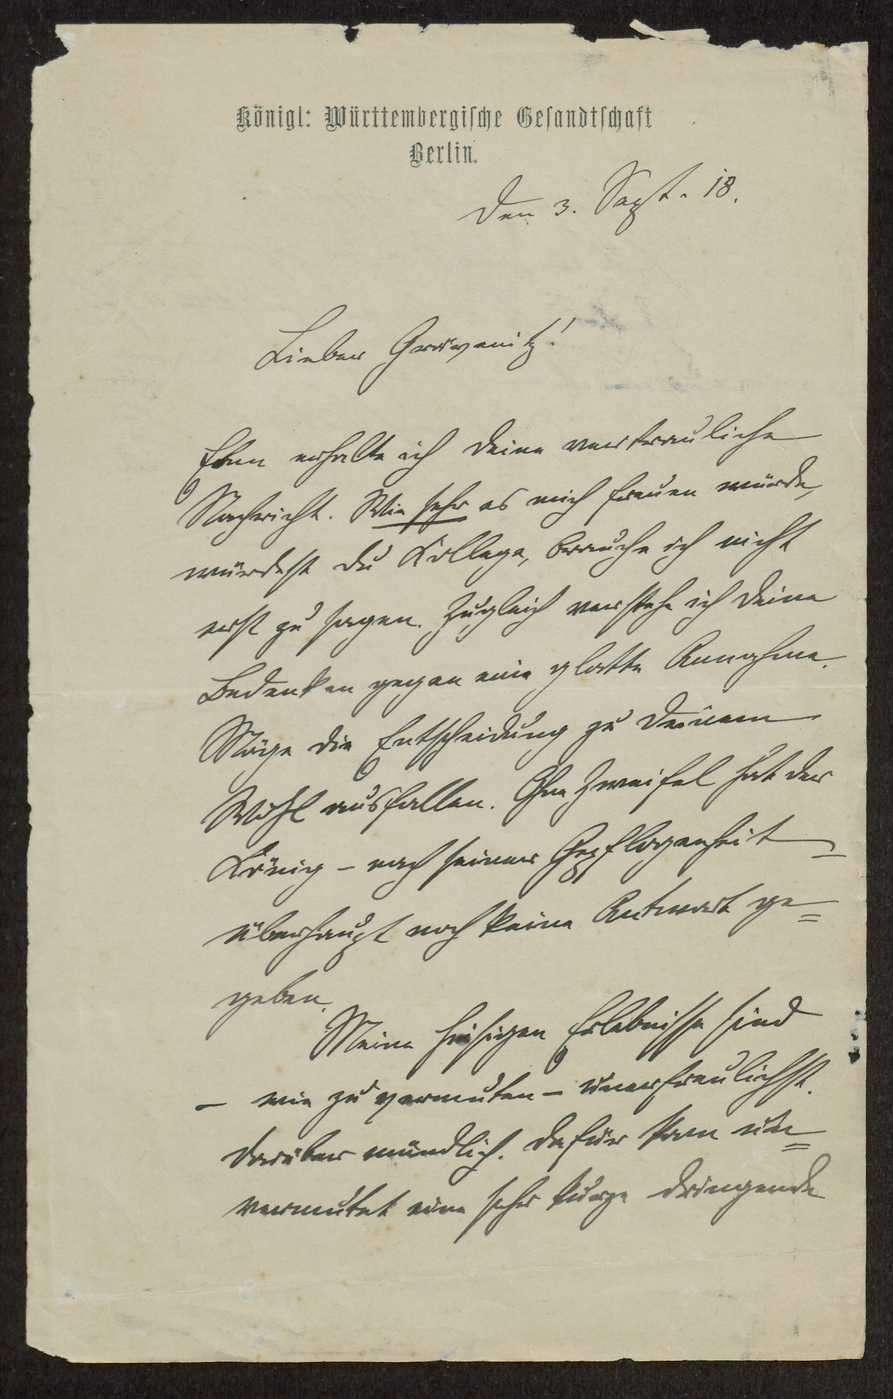 Schreiben Weizsäckers an Fritz von Graevenitz politischen, militärischen und privaten Inhalts, Bild 2